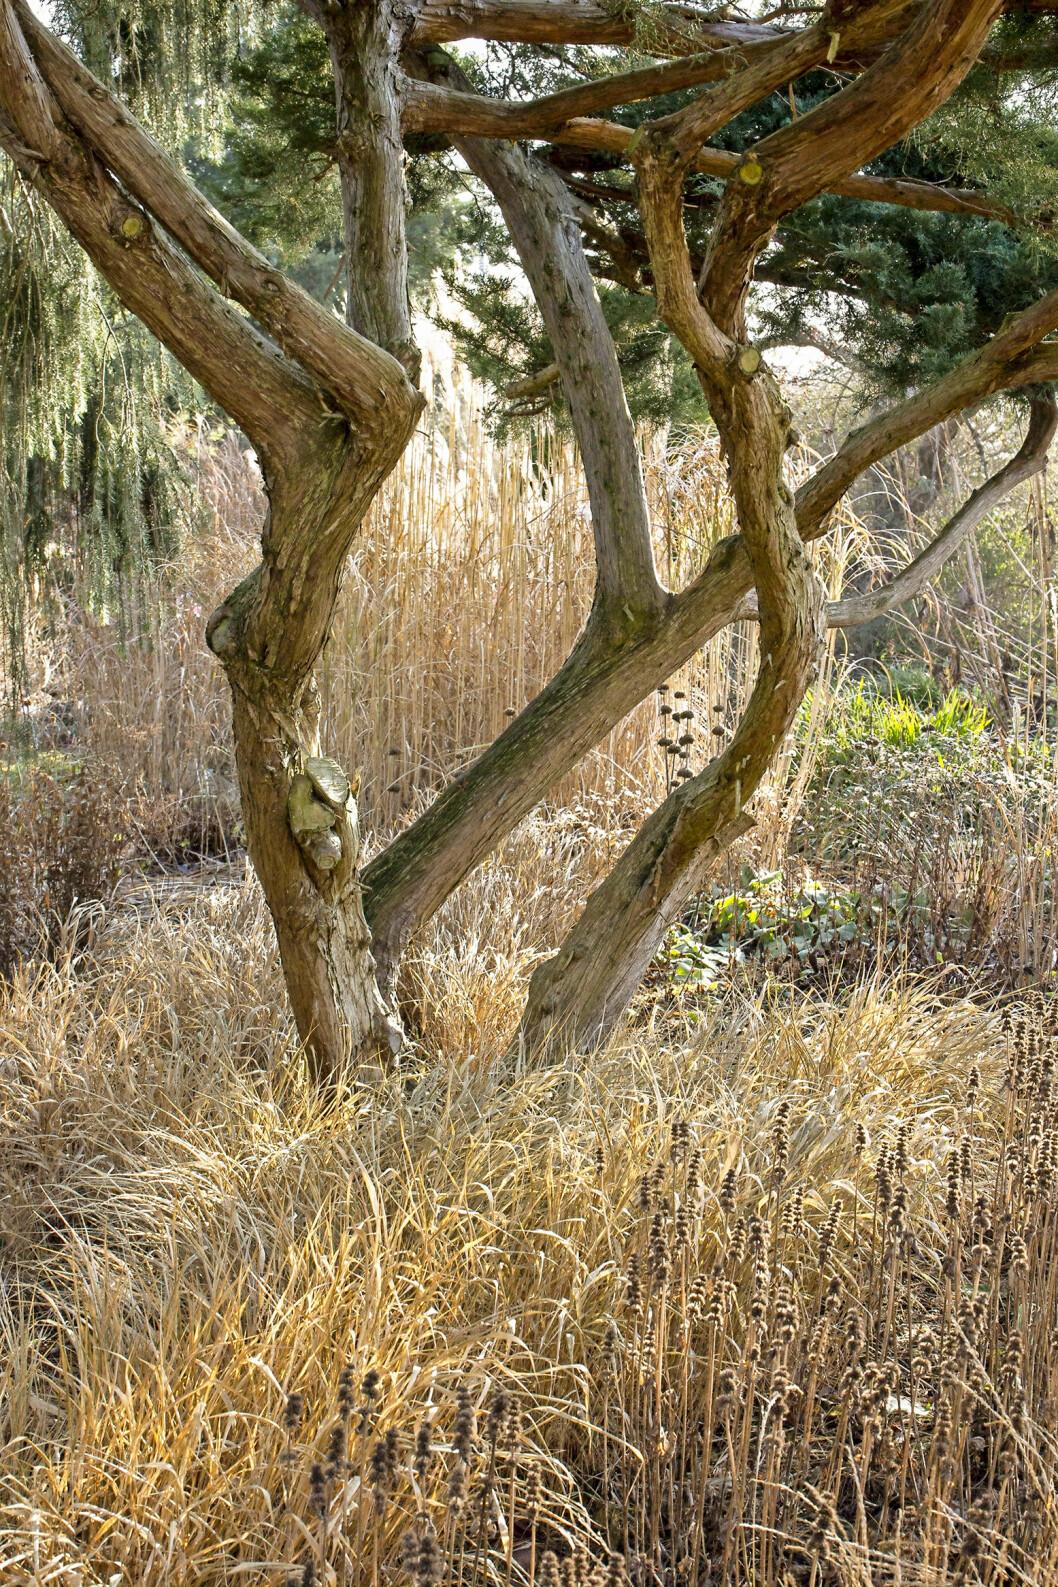 Hakonegräset, Hakonechloa macra, har täckt marken runt trädet. Gräsets bambuliknande blad bildar kompakta tuvor och får rödbruna toner under vintern. Med ax kan det bli upp till en meter högt. Trivs bäst i halvskugga och inte alltför torr jord.